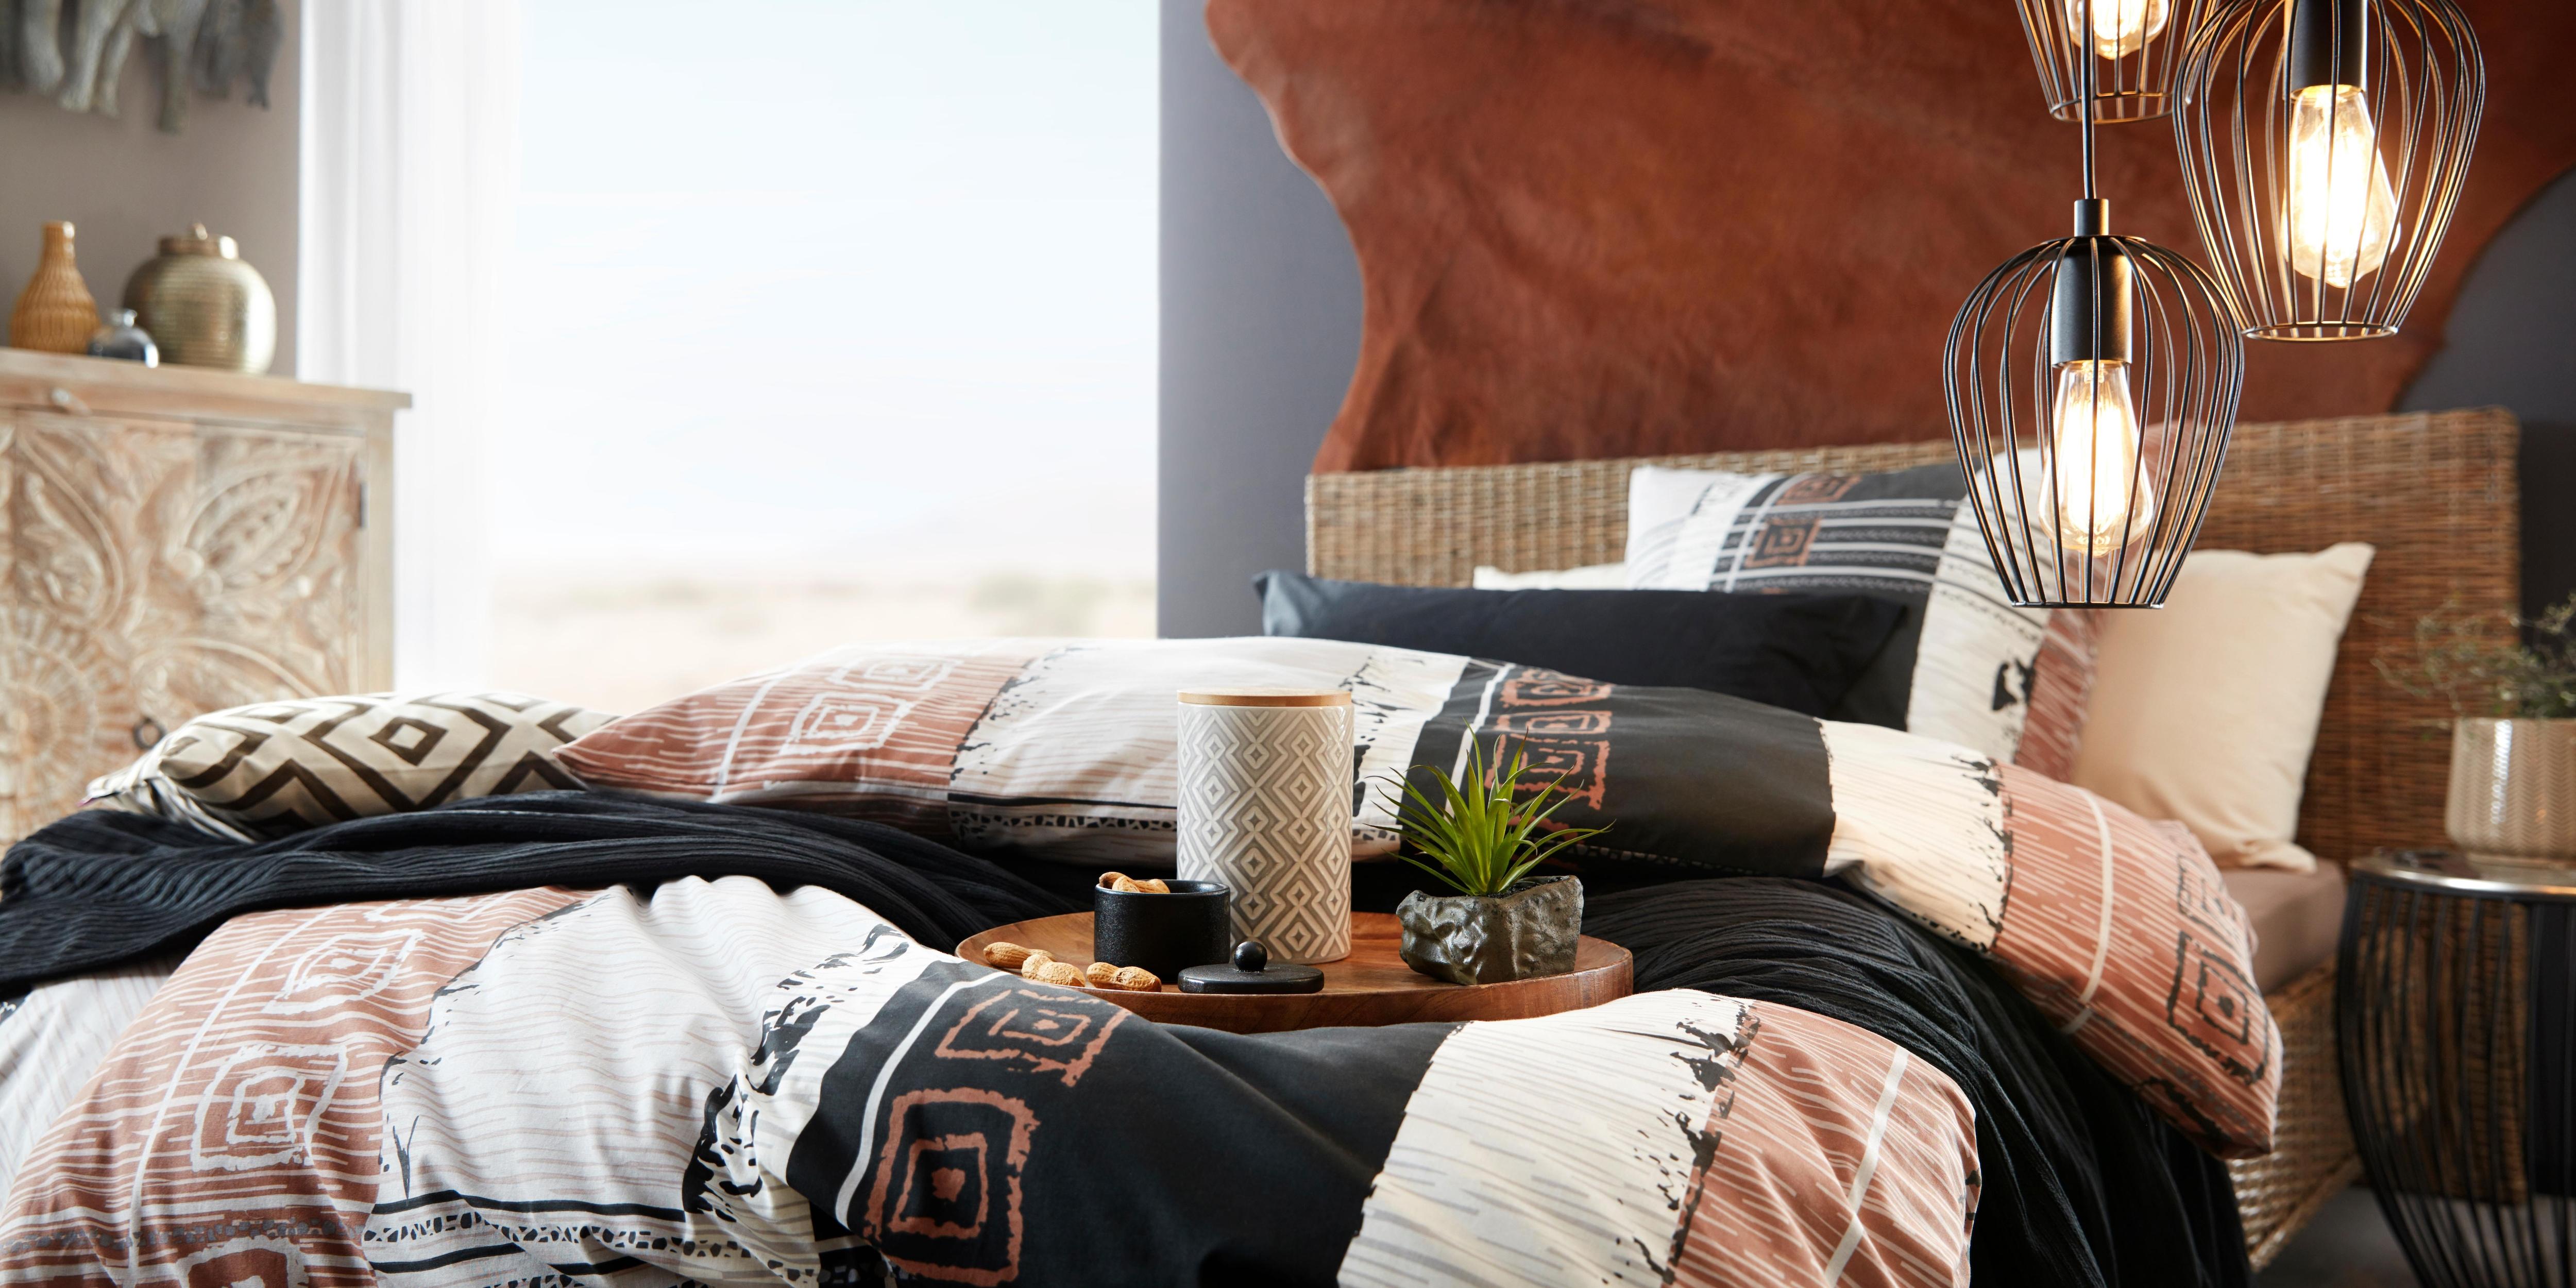 Home affaire »Rattanbett«, aus handgeflochtenem Rattan, mit einem Kopfteil von 90 cm, Höhe | Schlafzimmer > Betten > Rattanbetten | Mehrfarbig | Kubu - Lackiert | HOME AFFAIRE